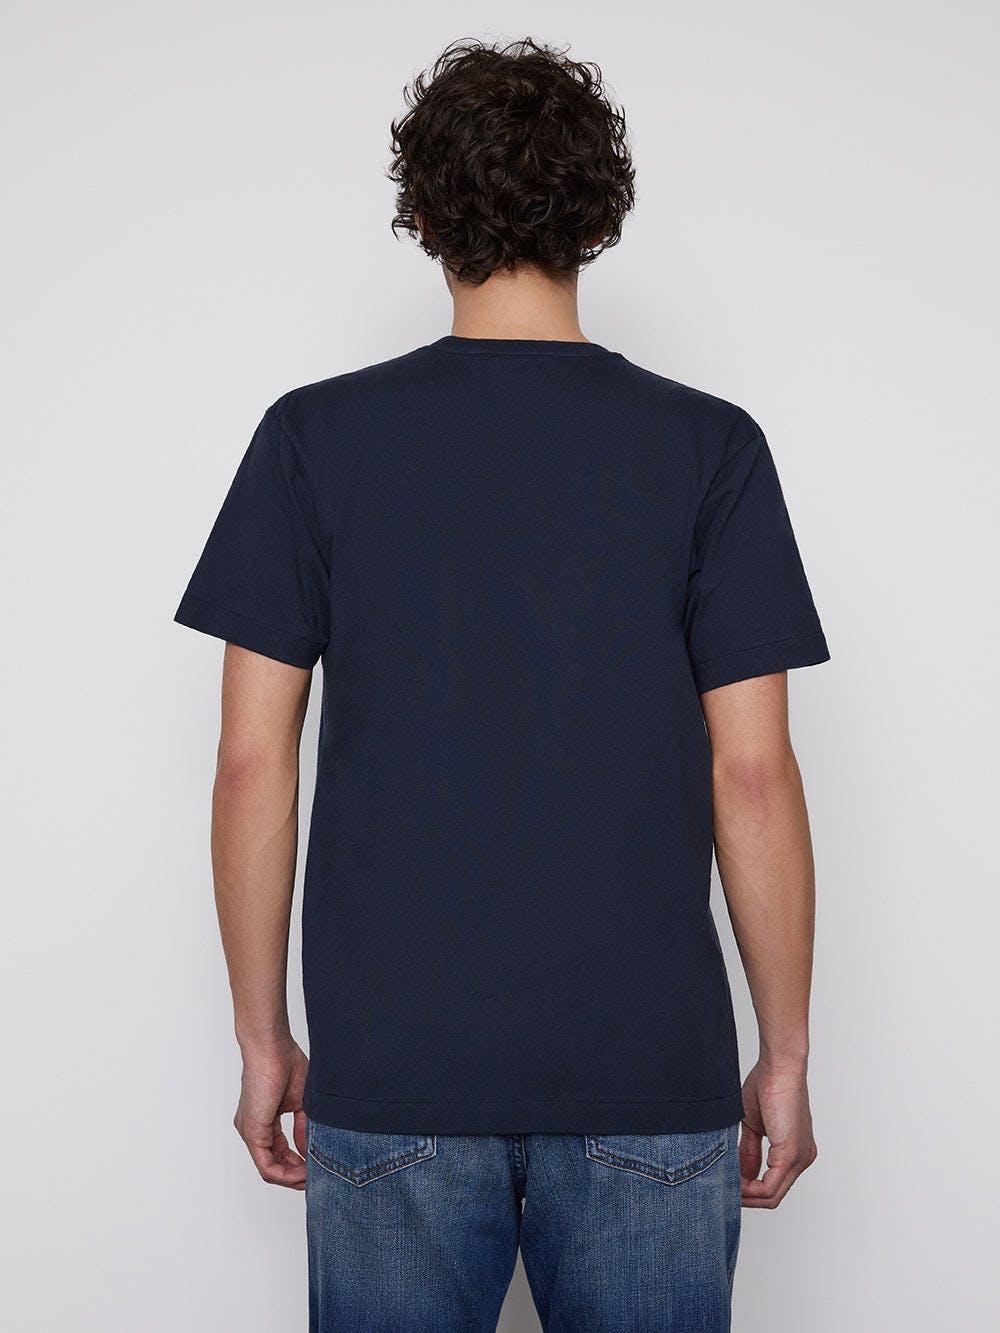 shirt back view alt:hover